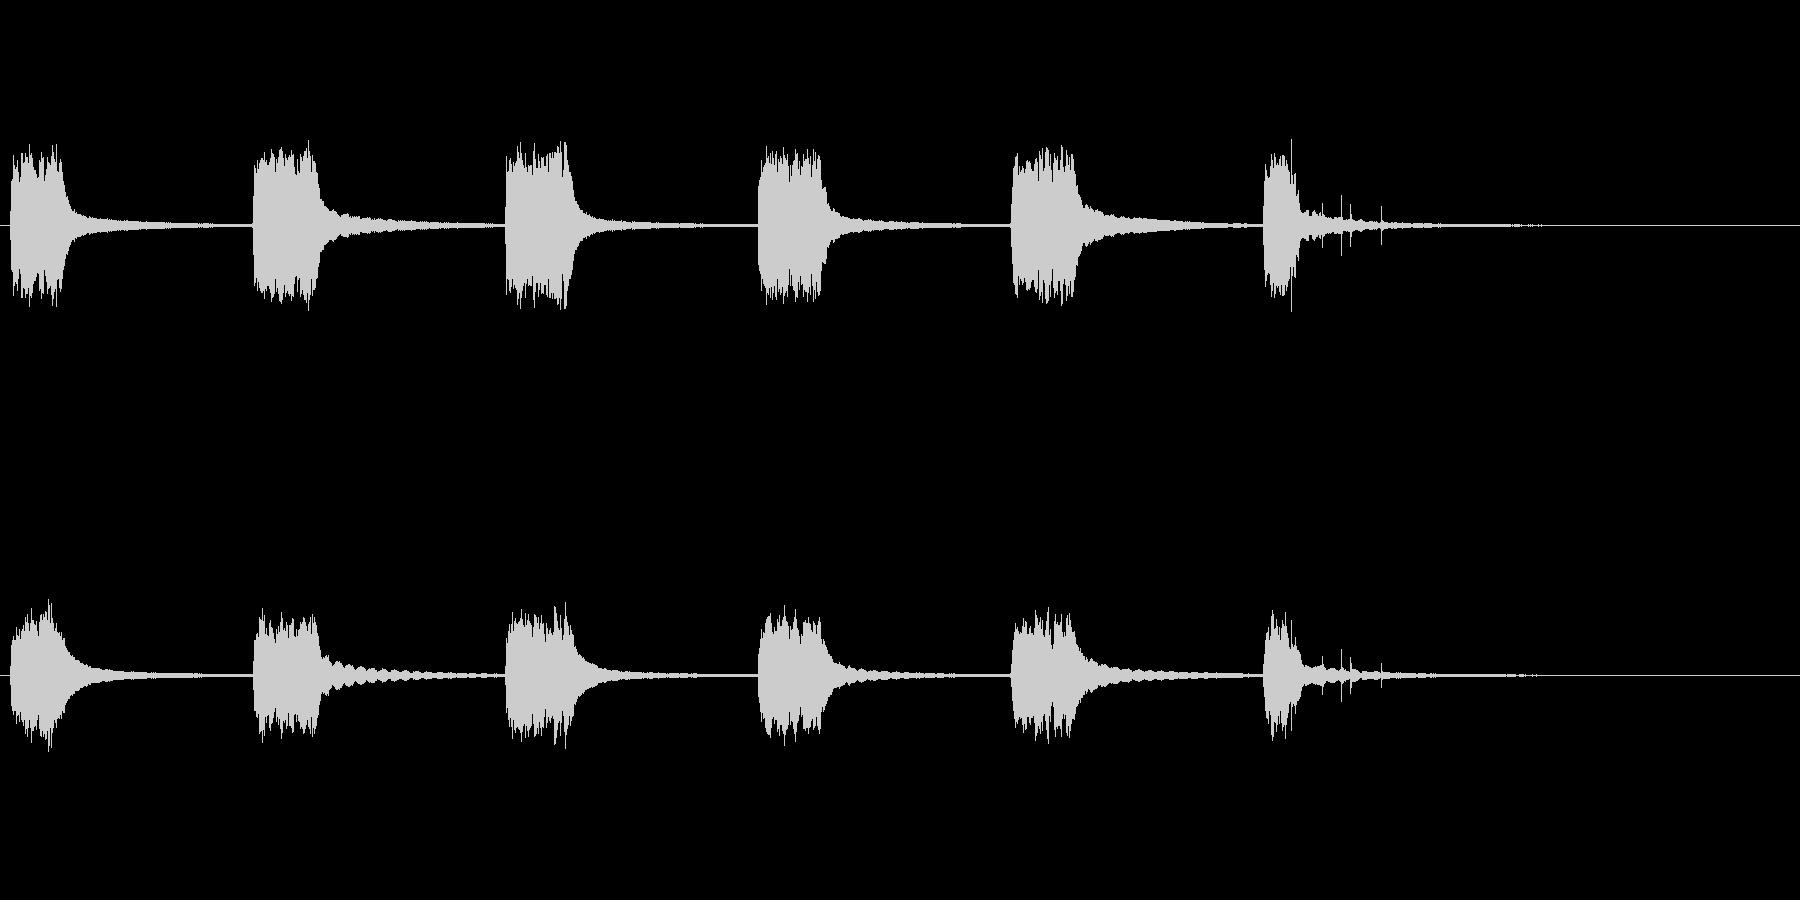 英国式電話:ベルリング、ピックアップの未再生の波形